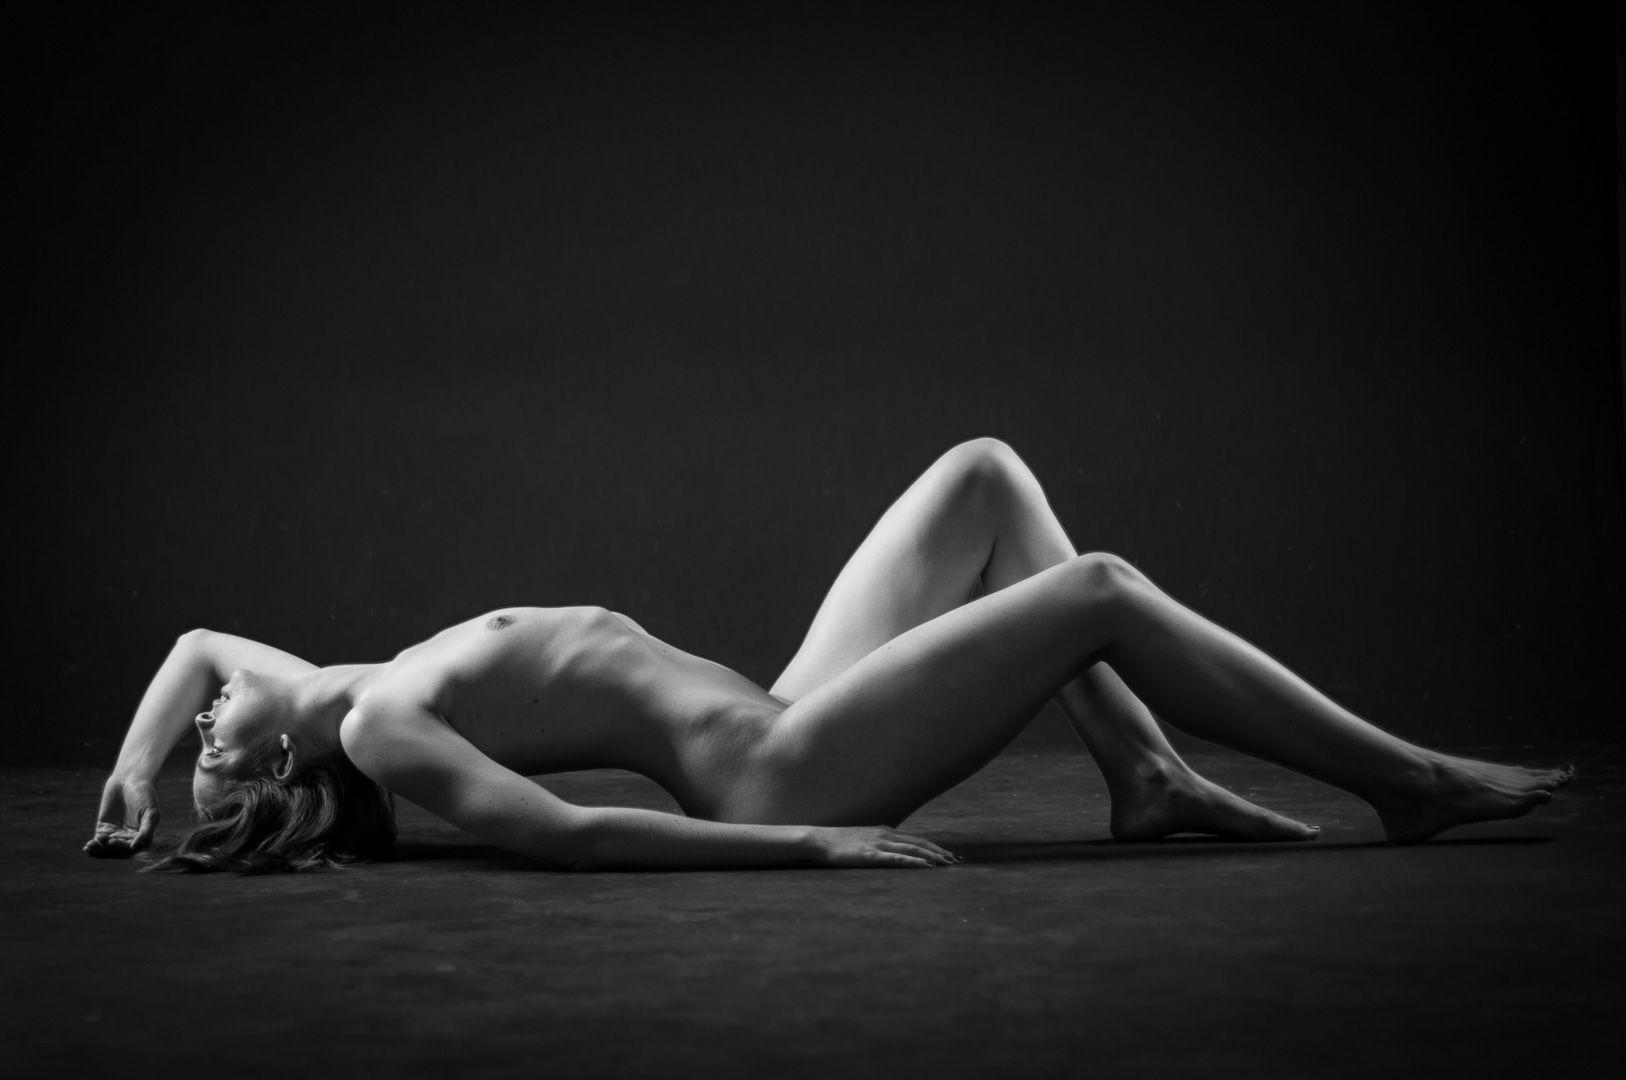 octomom nude bikini pics